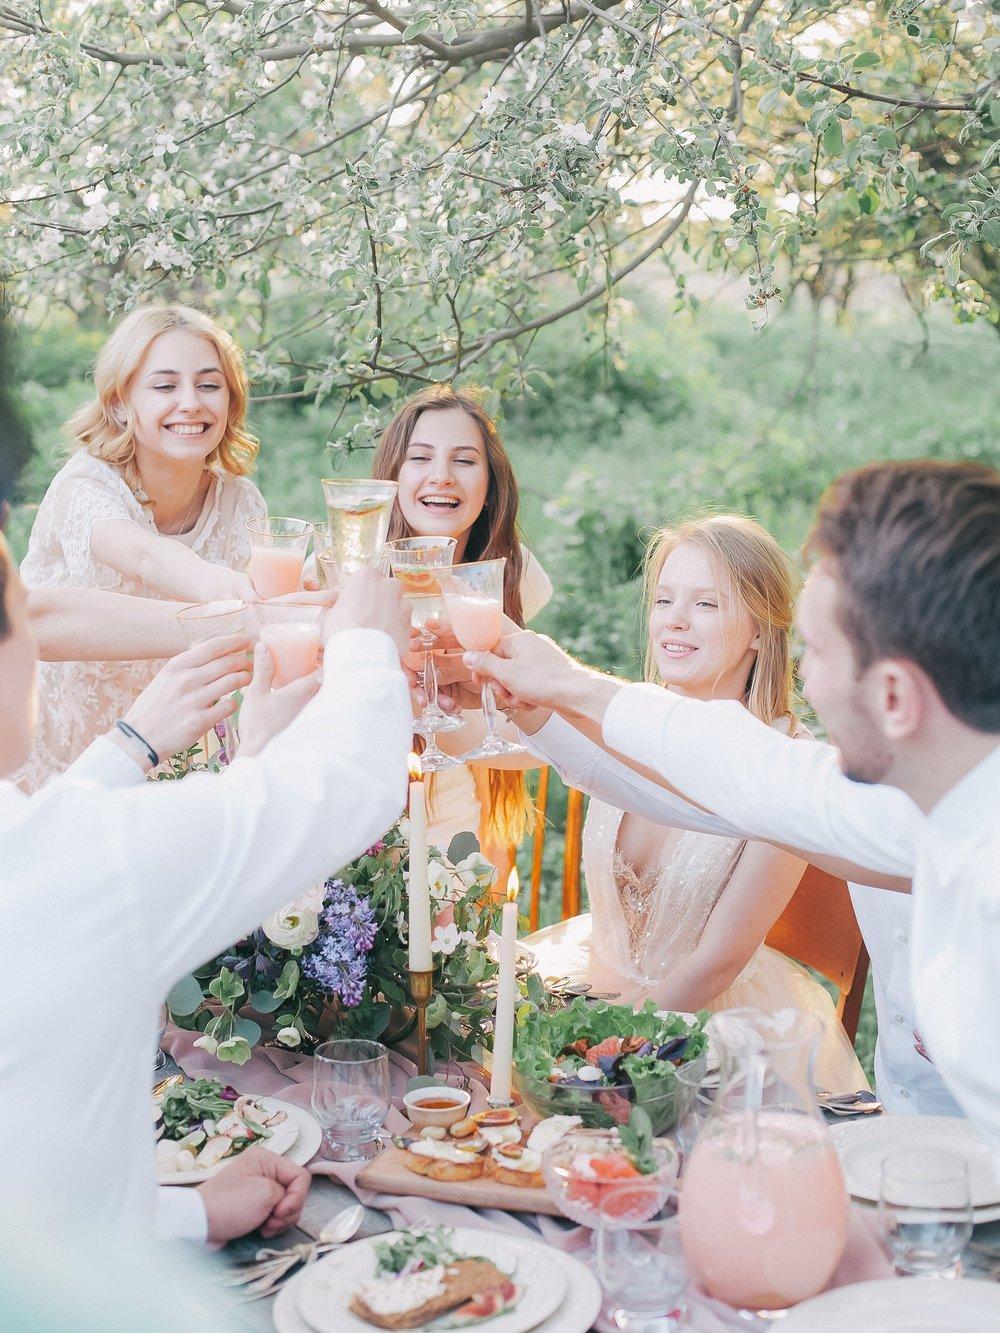 bridesmaid cheers wedding events healthy